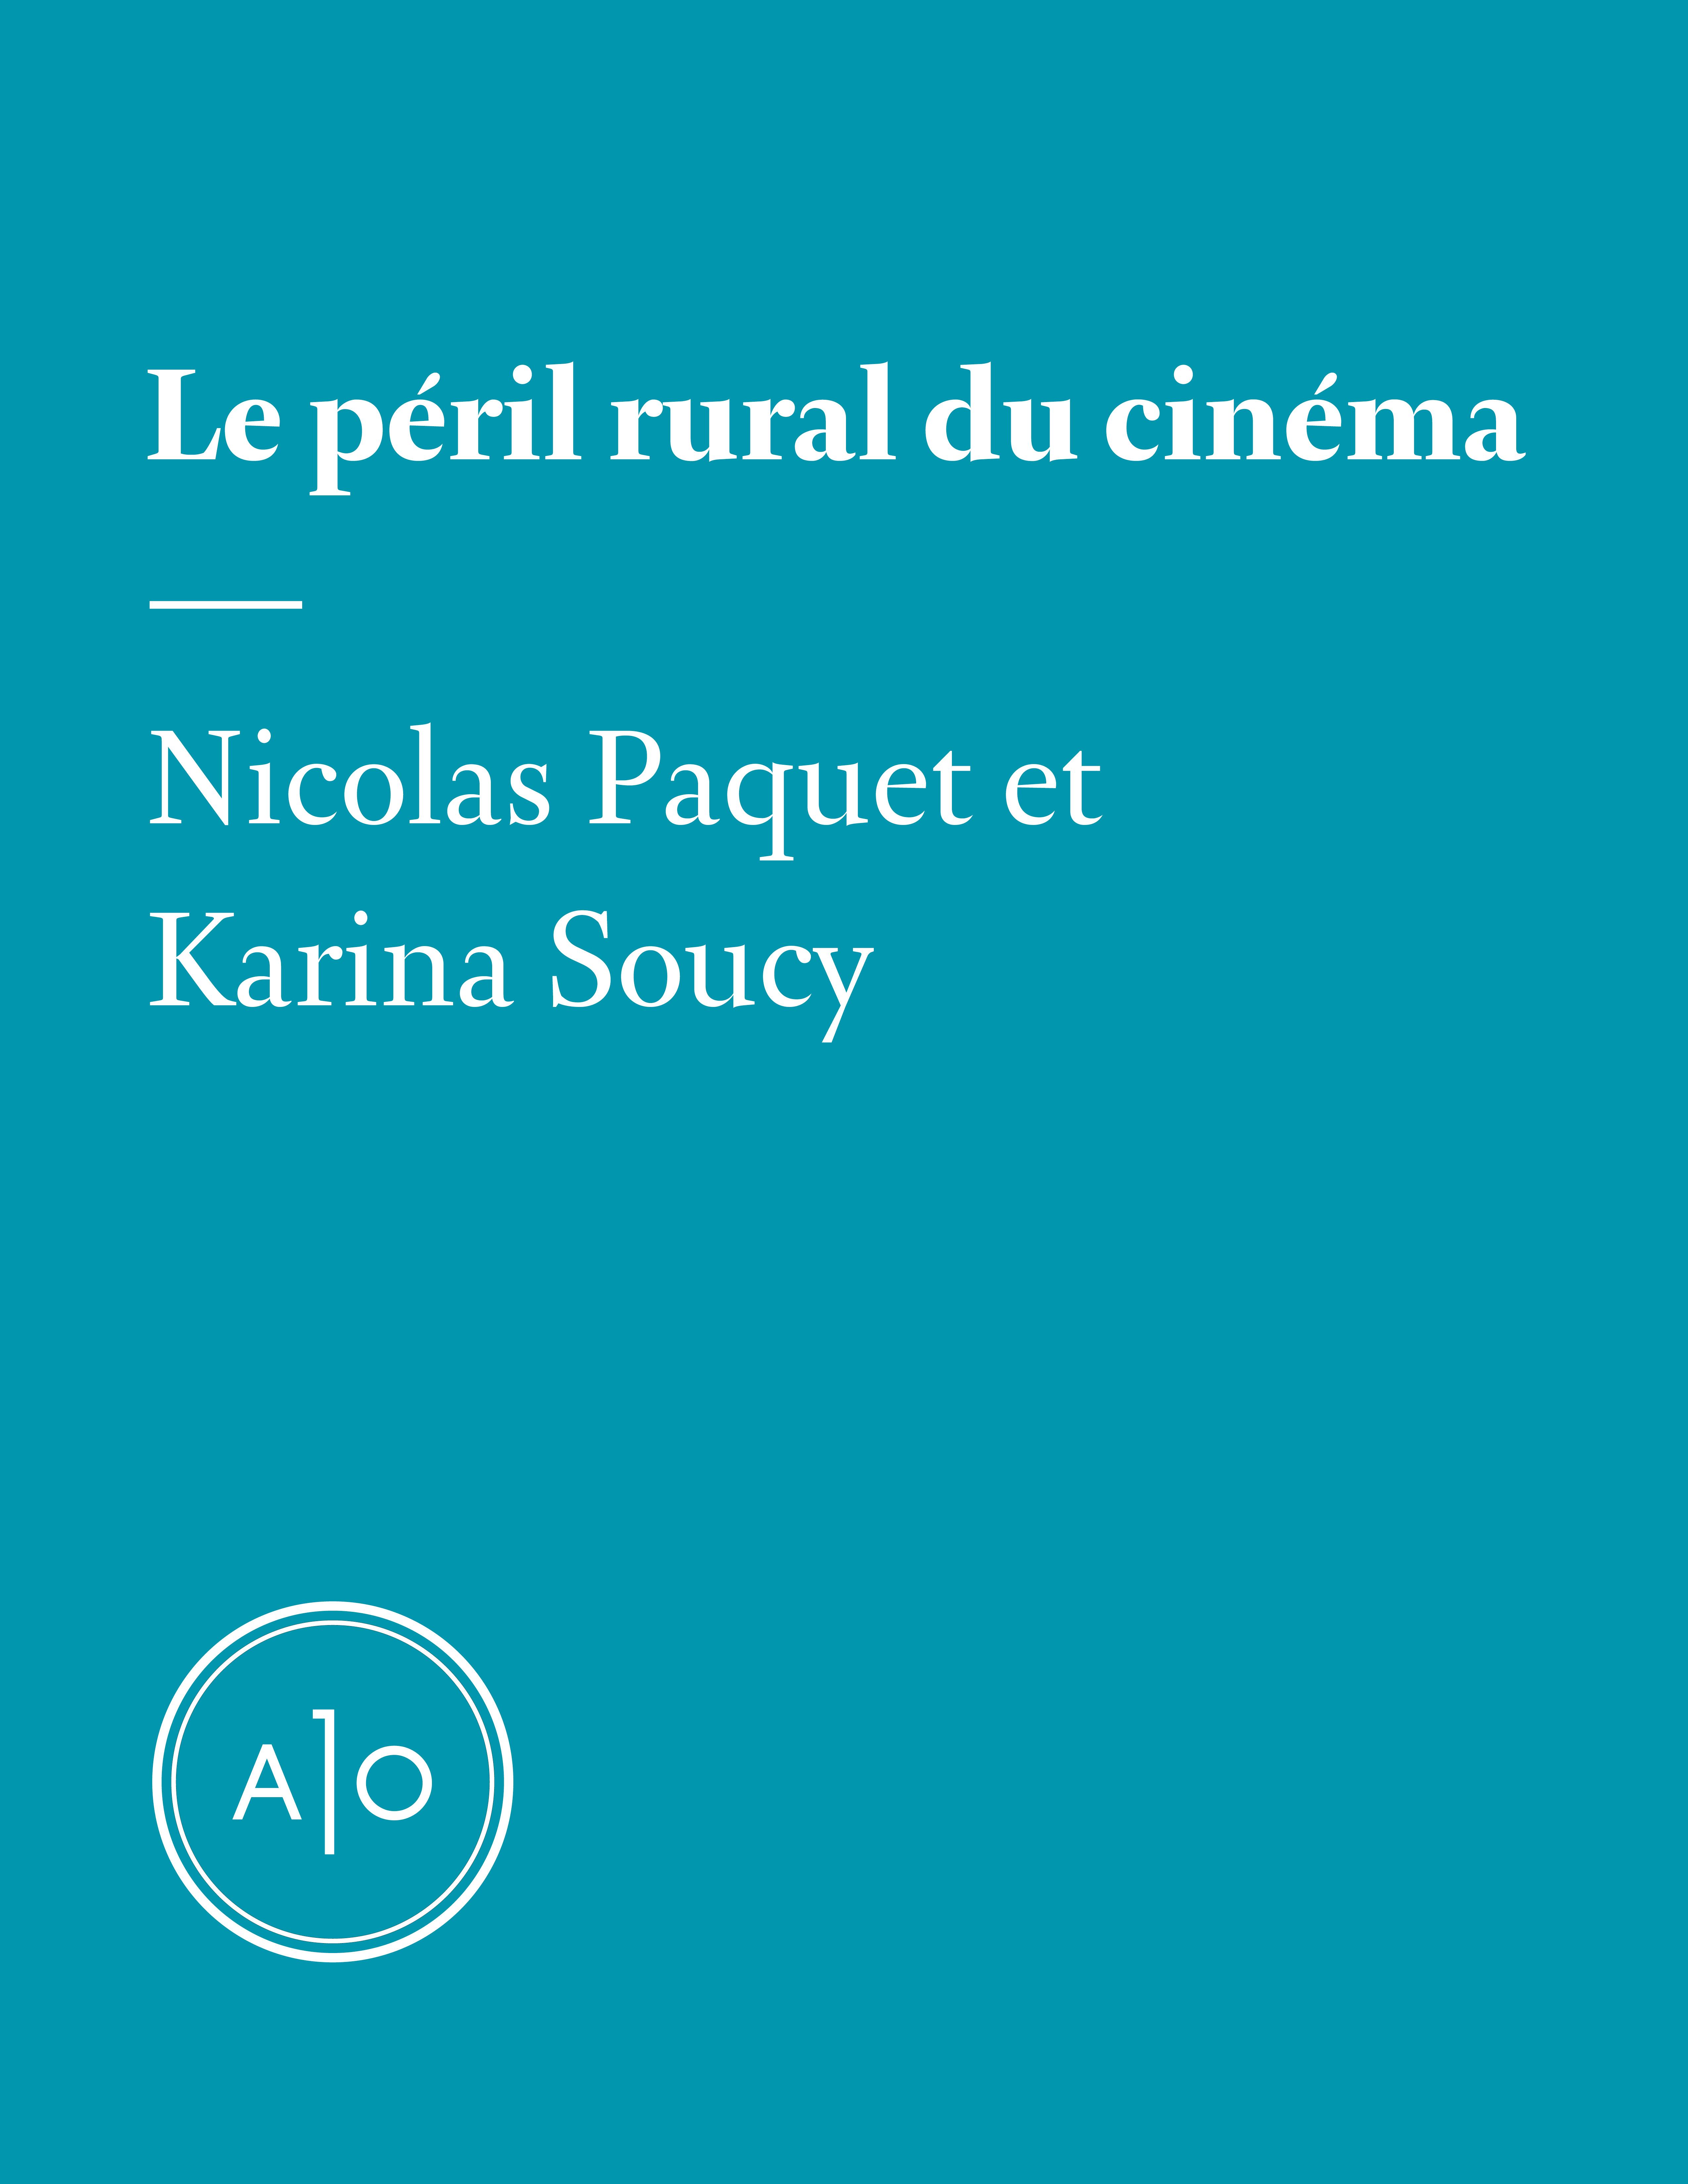 Le péril rural du cinéma